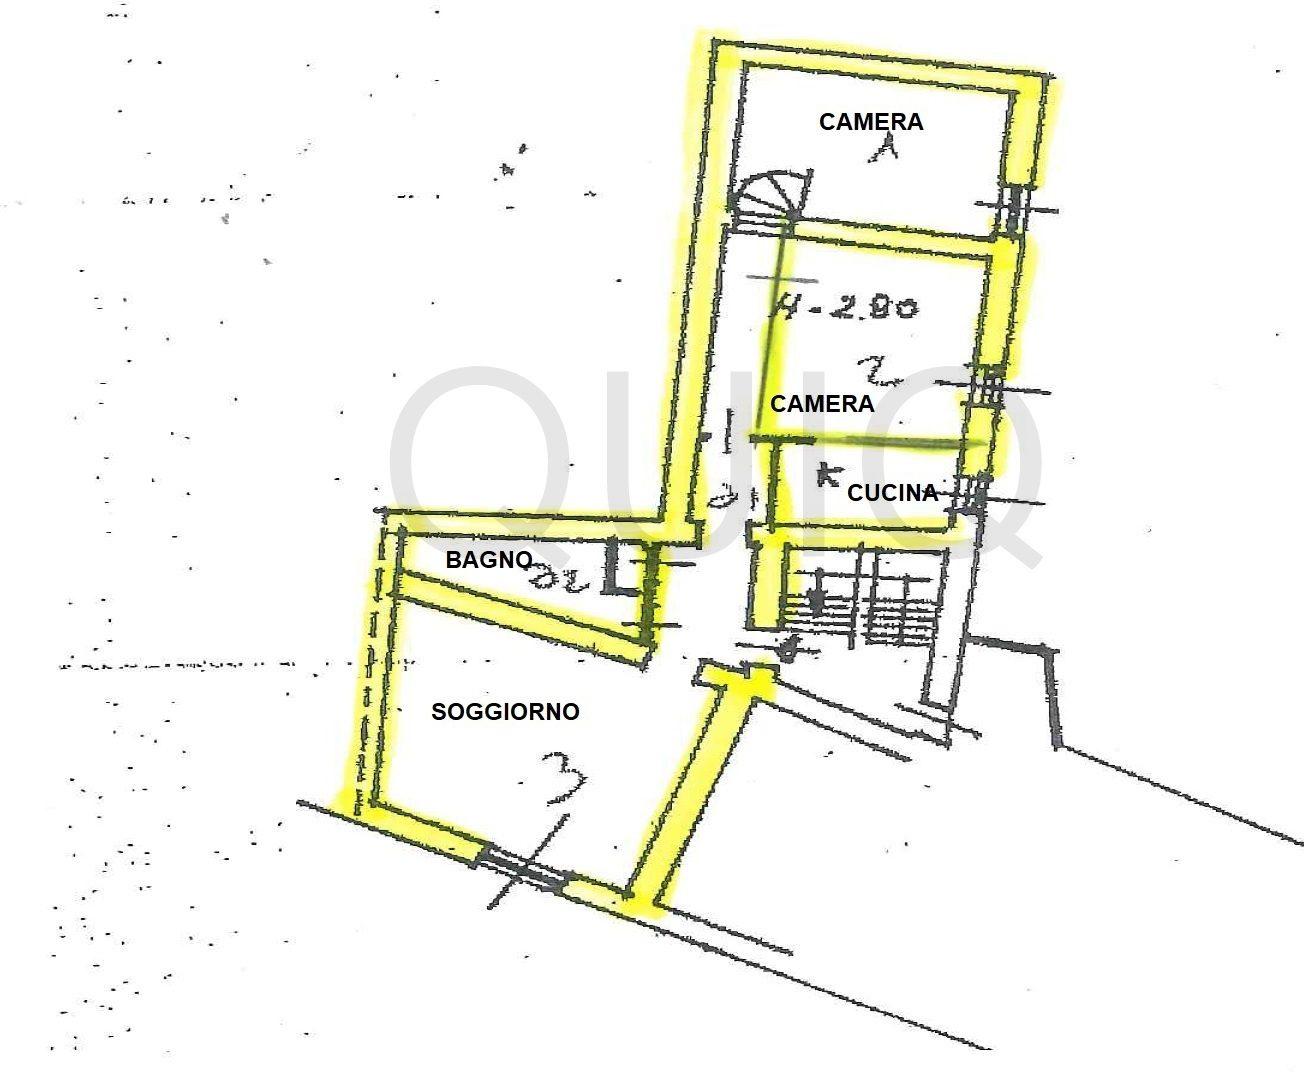 VALMADRERA, TRILOCALE CENTRALISSIMO,  CANTINA E DEPOSITO, LIBERO SUBITO